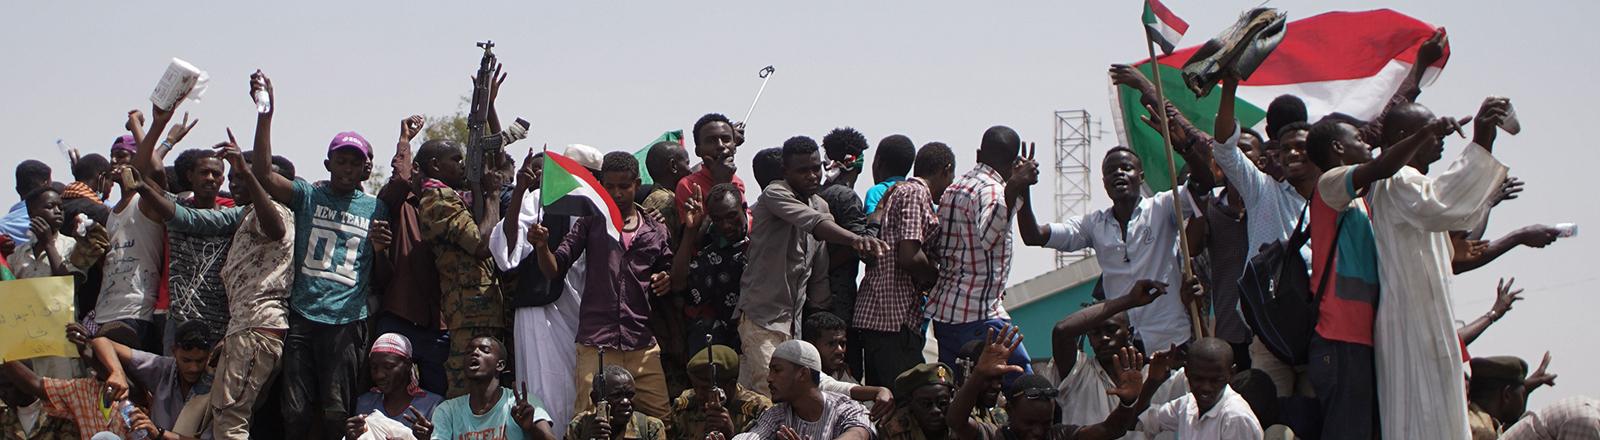 Demonstranten und Soldaten sitzen und stehen auf einem Militärfahrzeug im Sudan.